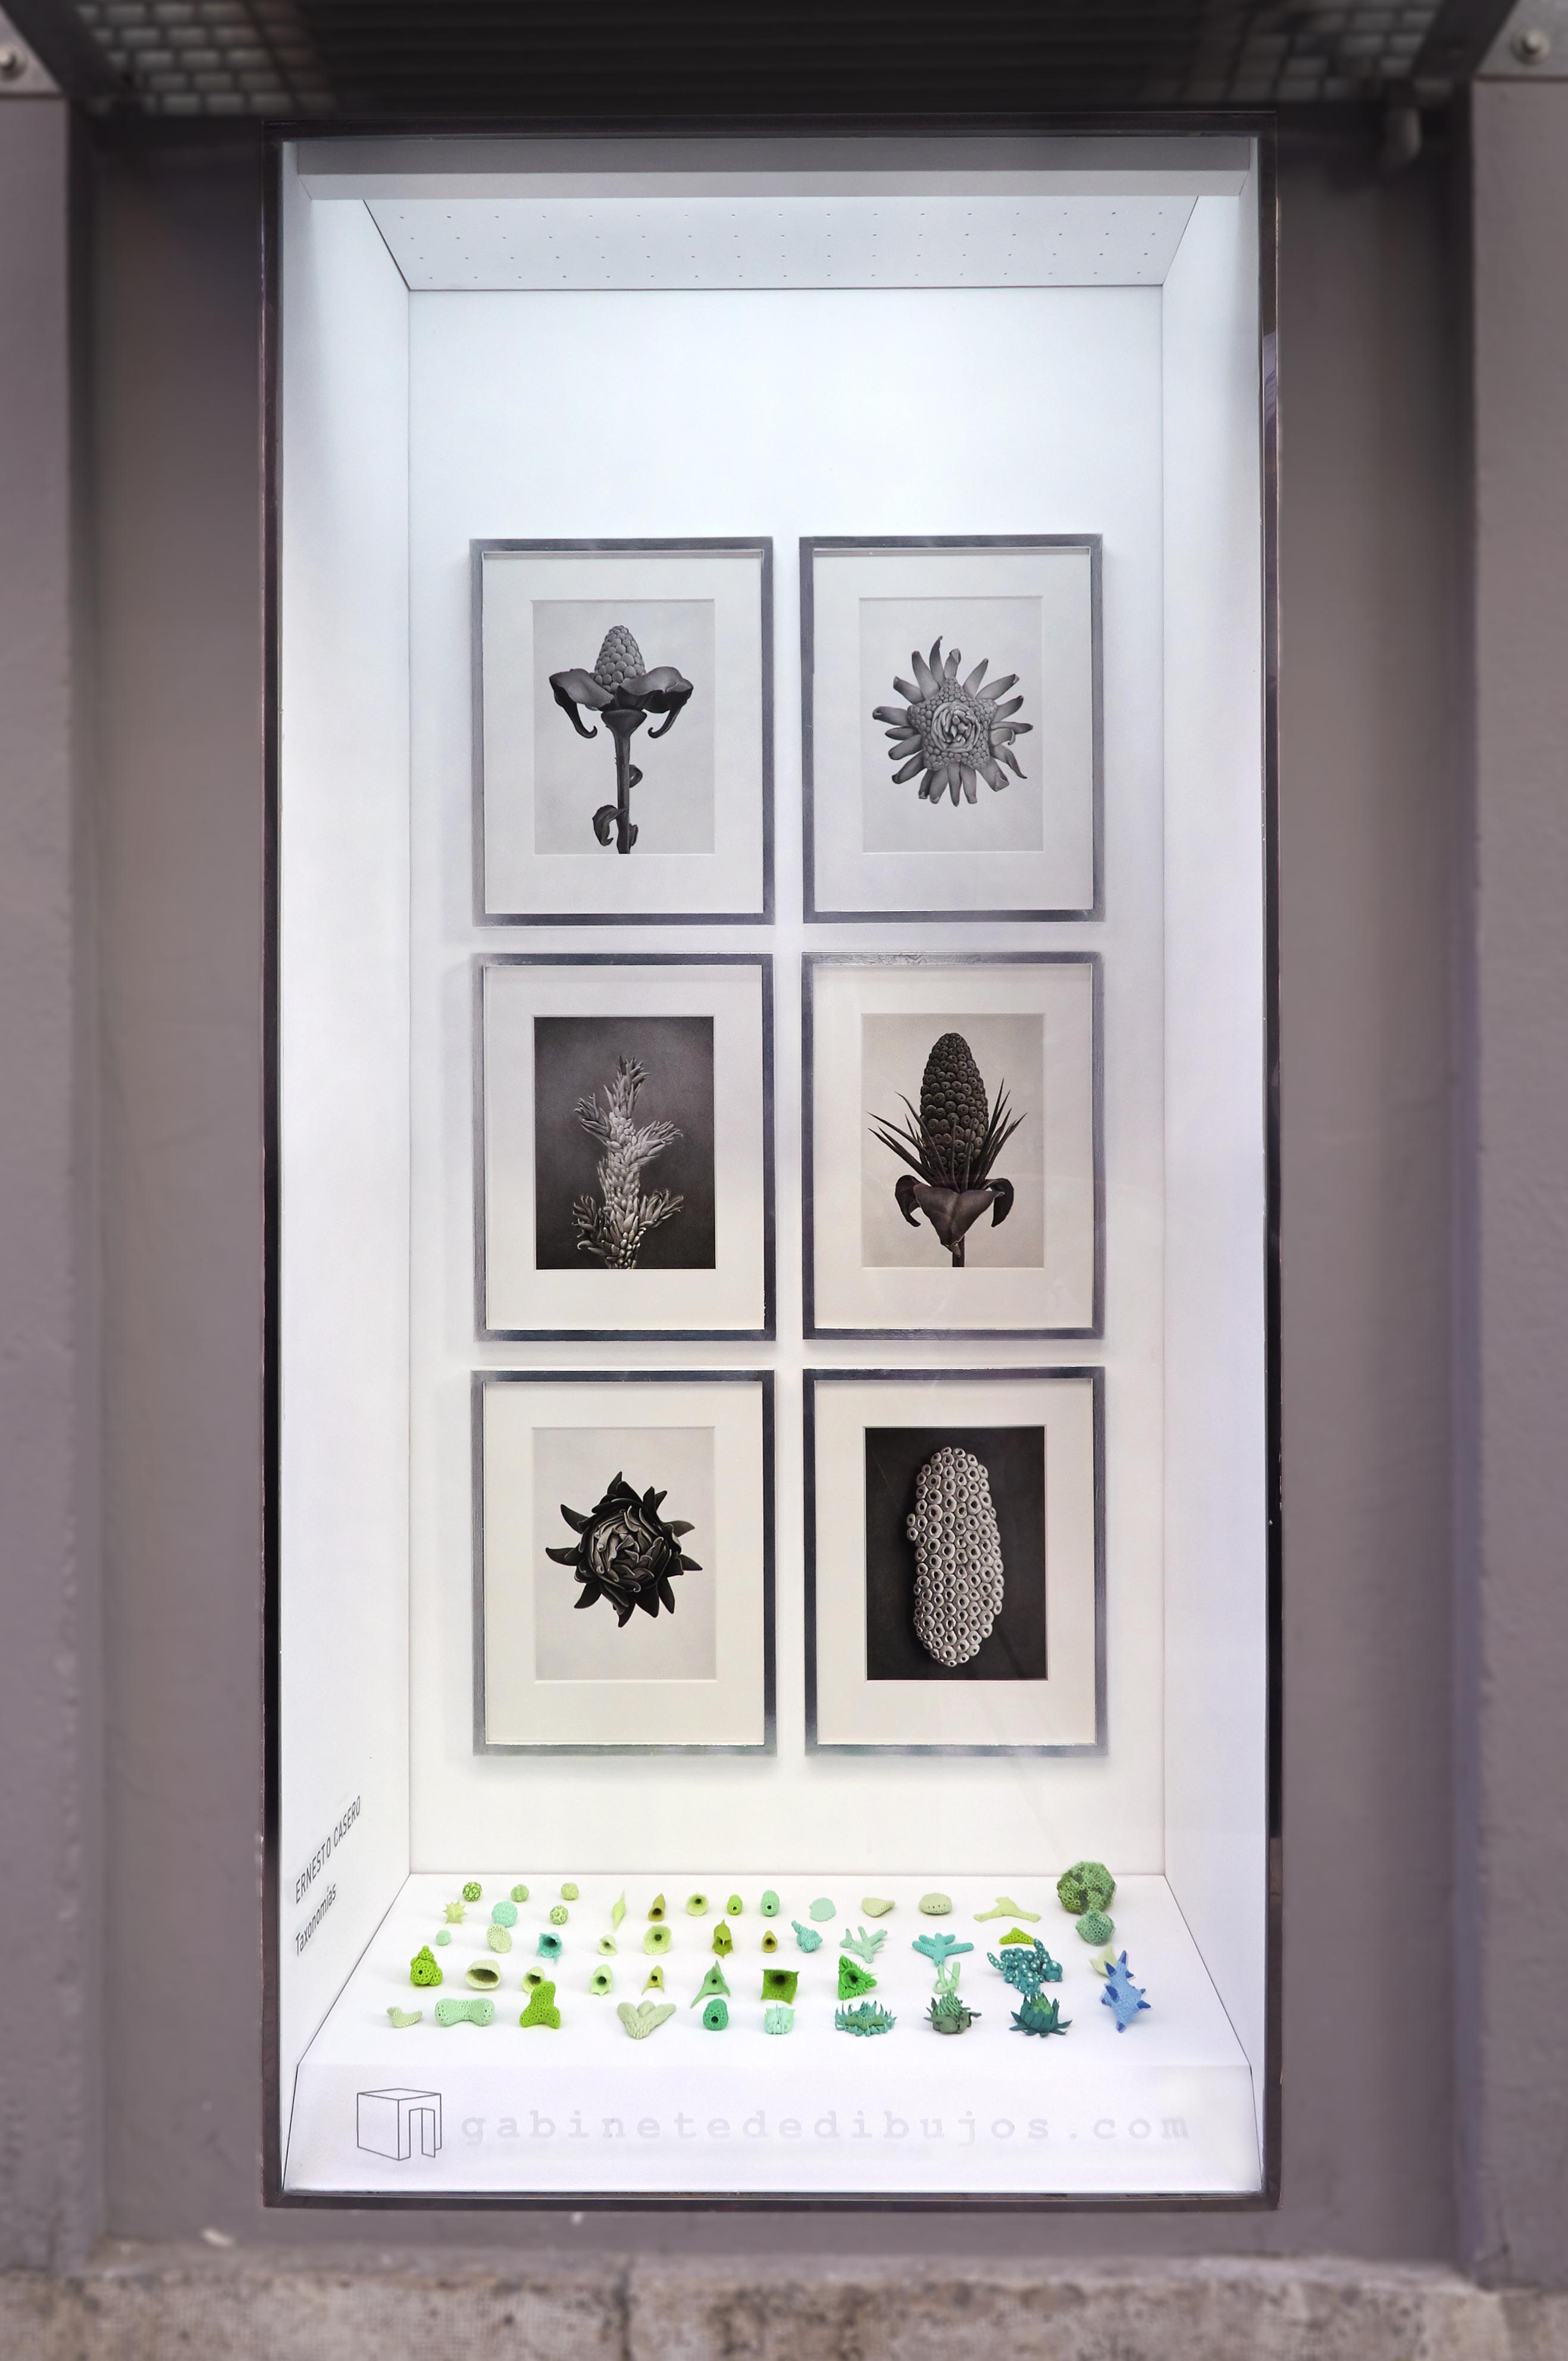 TAXONOMÍAS de Ernesto Casero en el Gabinete de dibujos